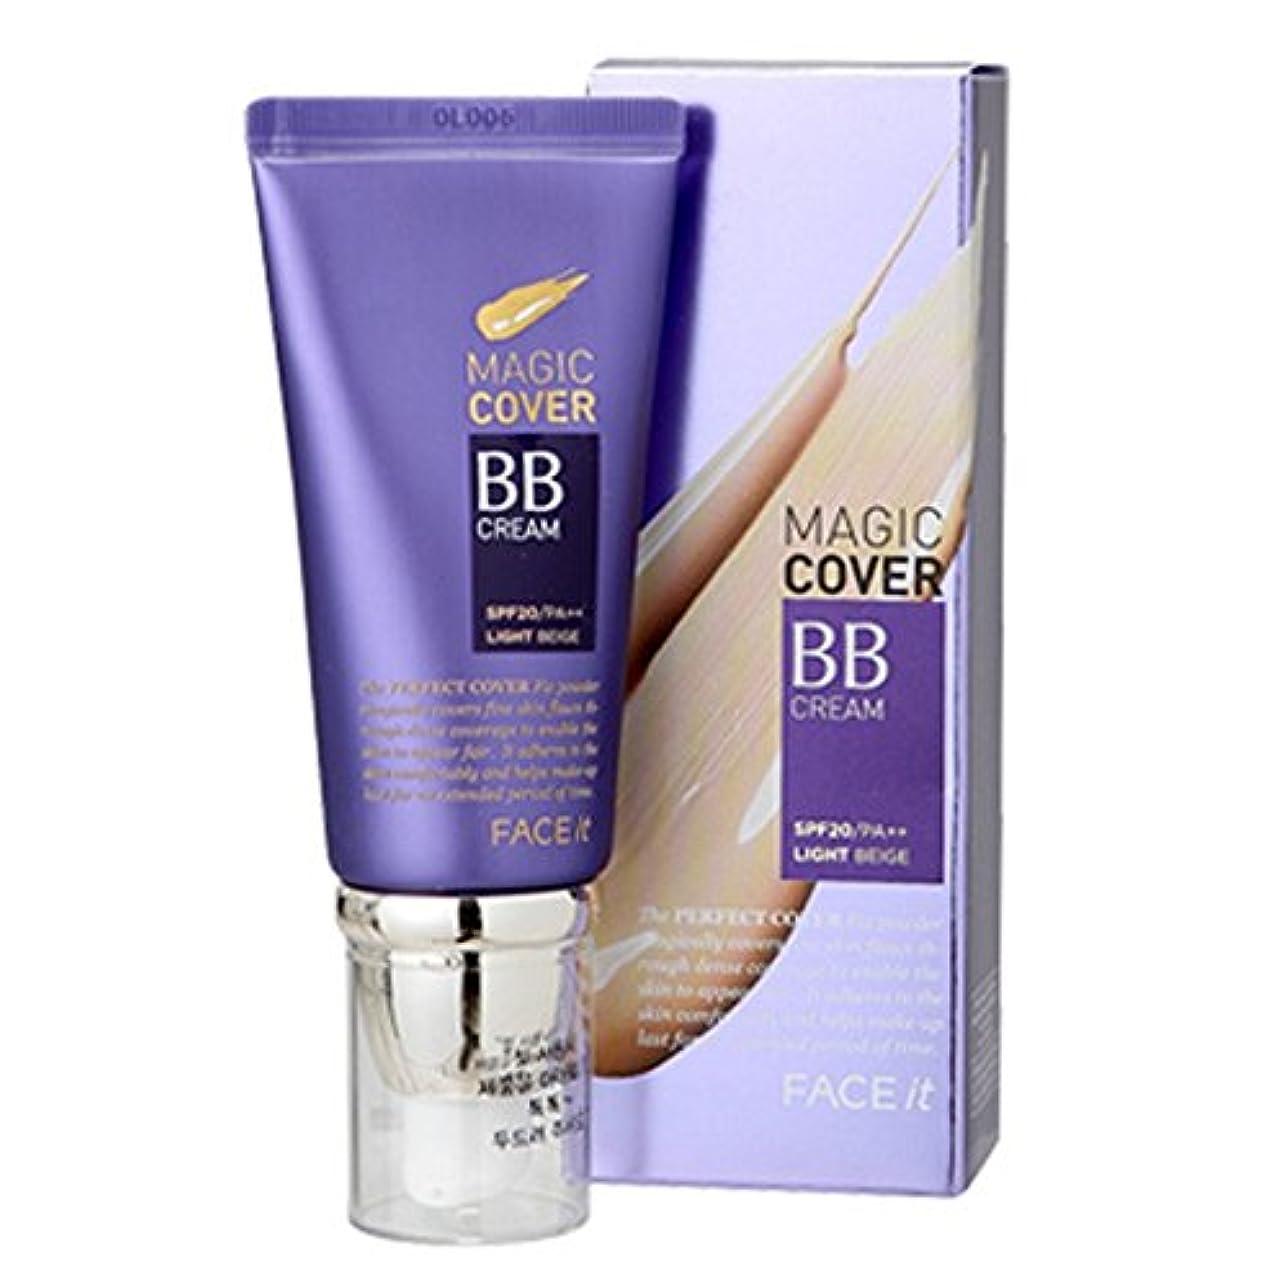 規範科学者弱いザフェイスショップ The Face Shop Face It Magic Cover BB Cream 45ml (01 Light Beige)